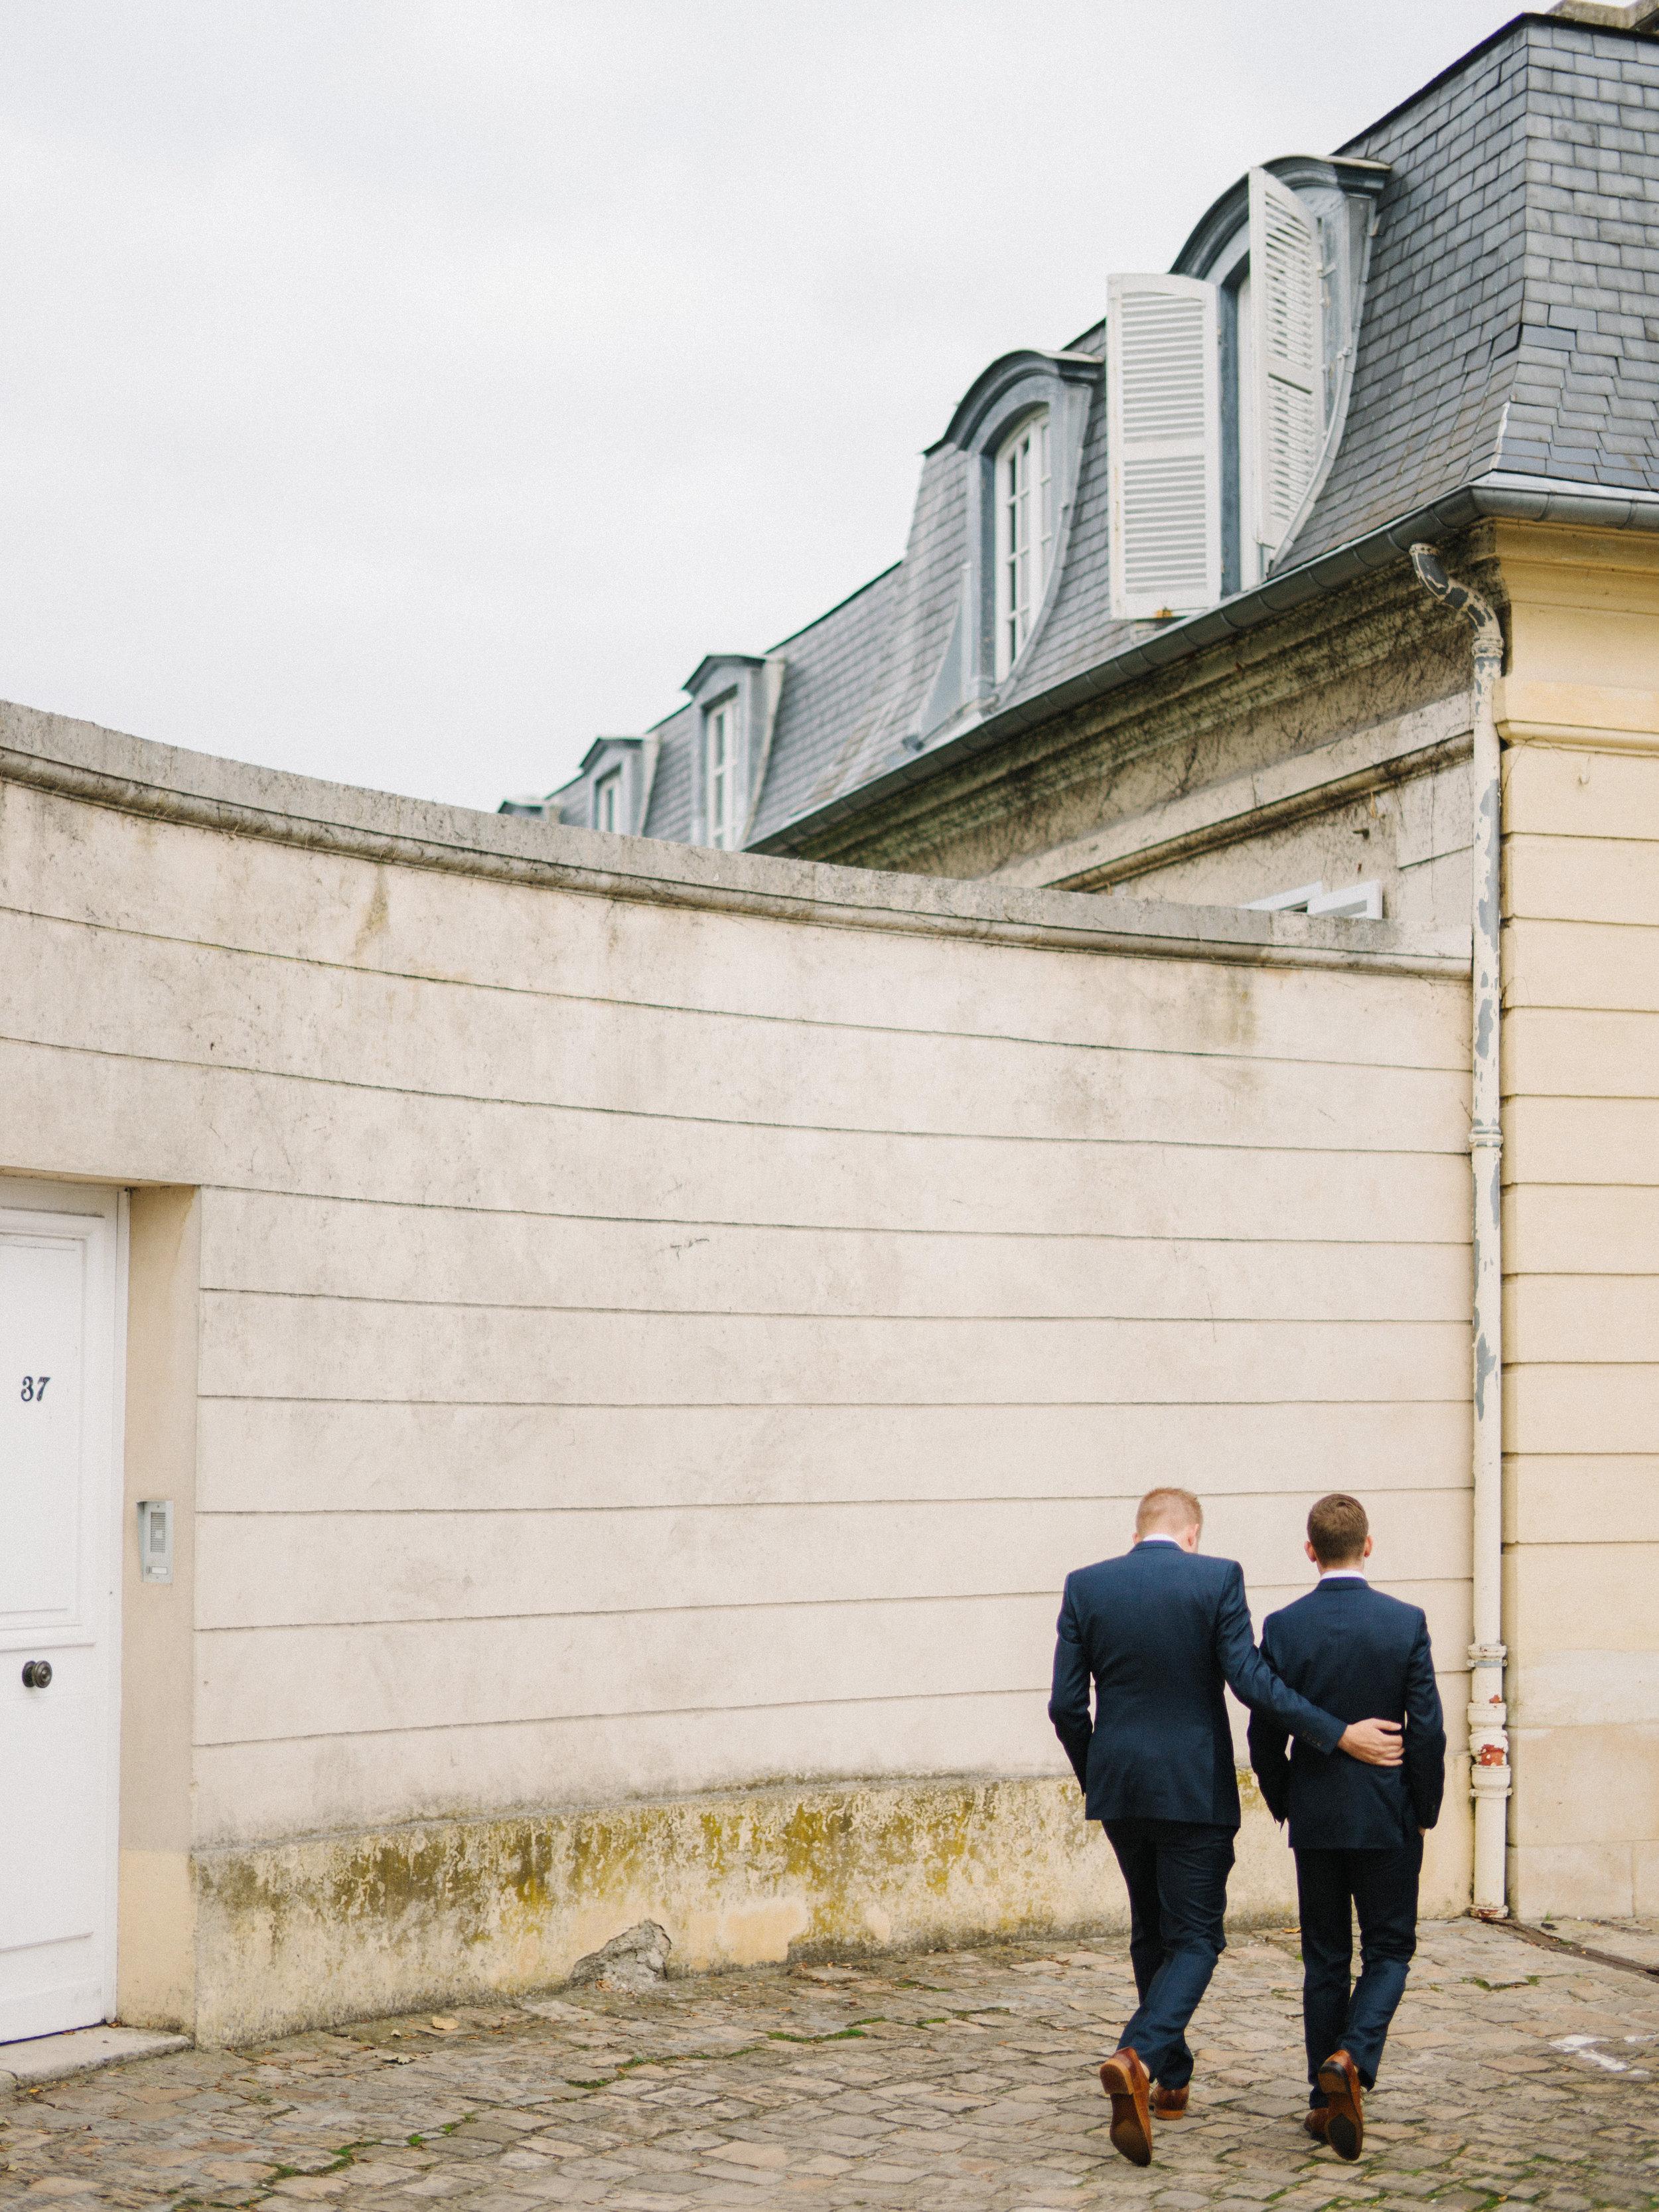 ANDREW + DANNY    Saint-Germain-En-Laye, France    VIEW